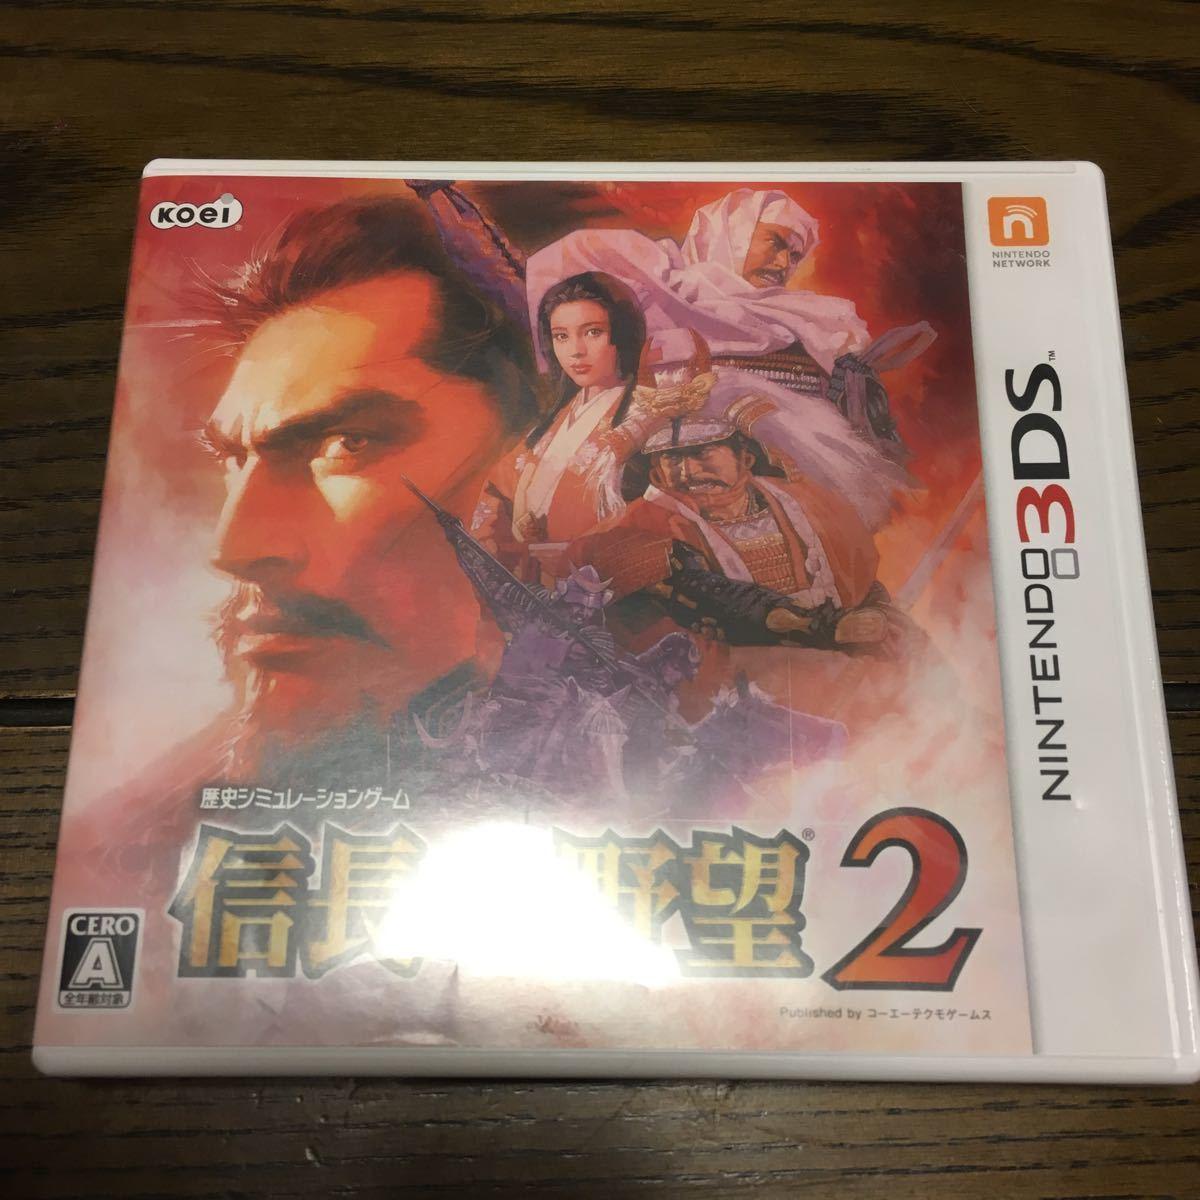 信長の野望 2 任天堂 3DS ソフト koei